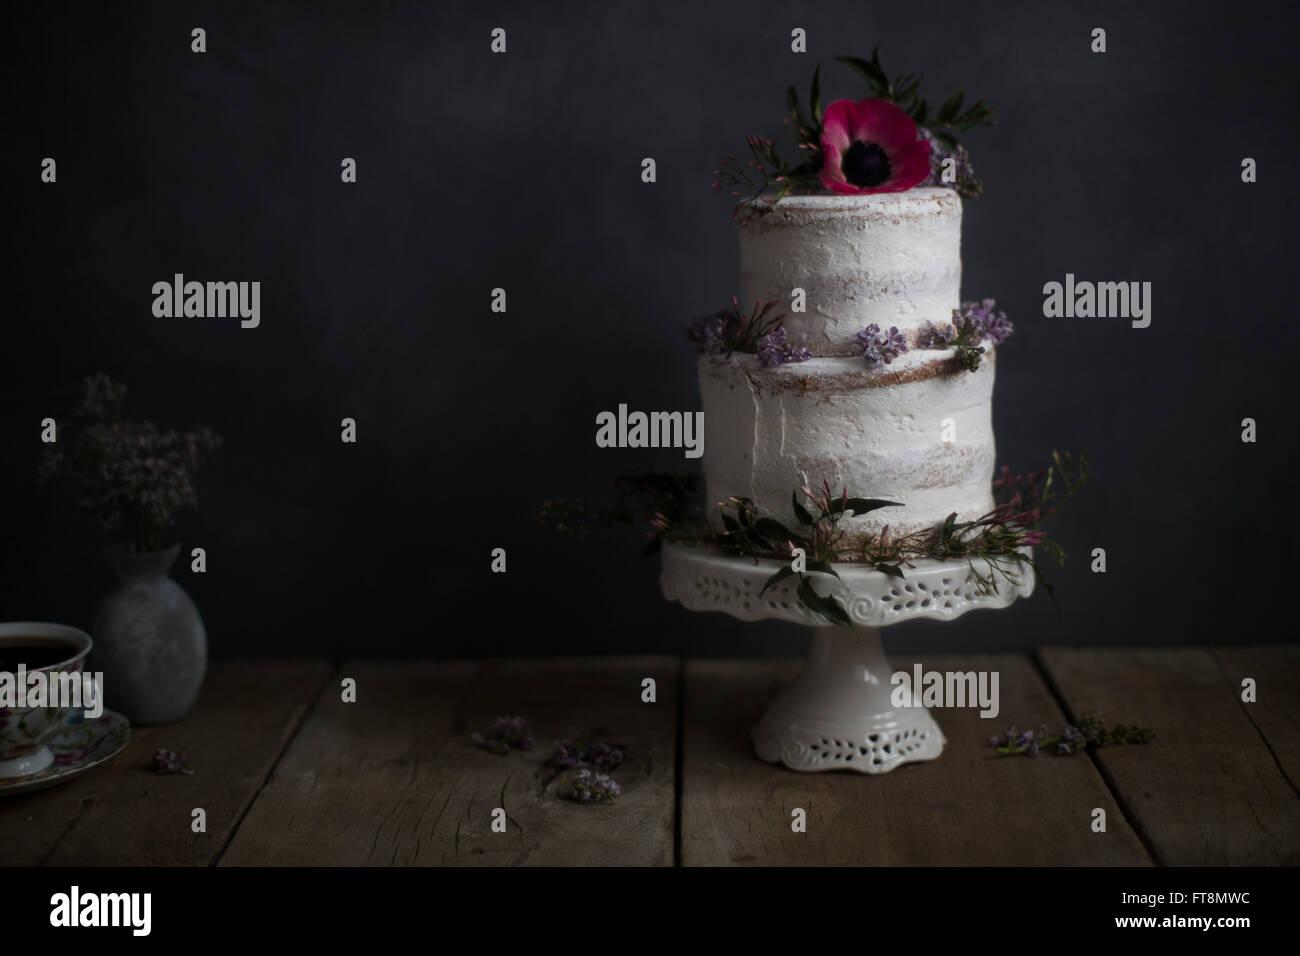 Torta casera, decoración floral, sobre un pedestal. Fondo oscuro. Imagen De Stock